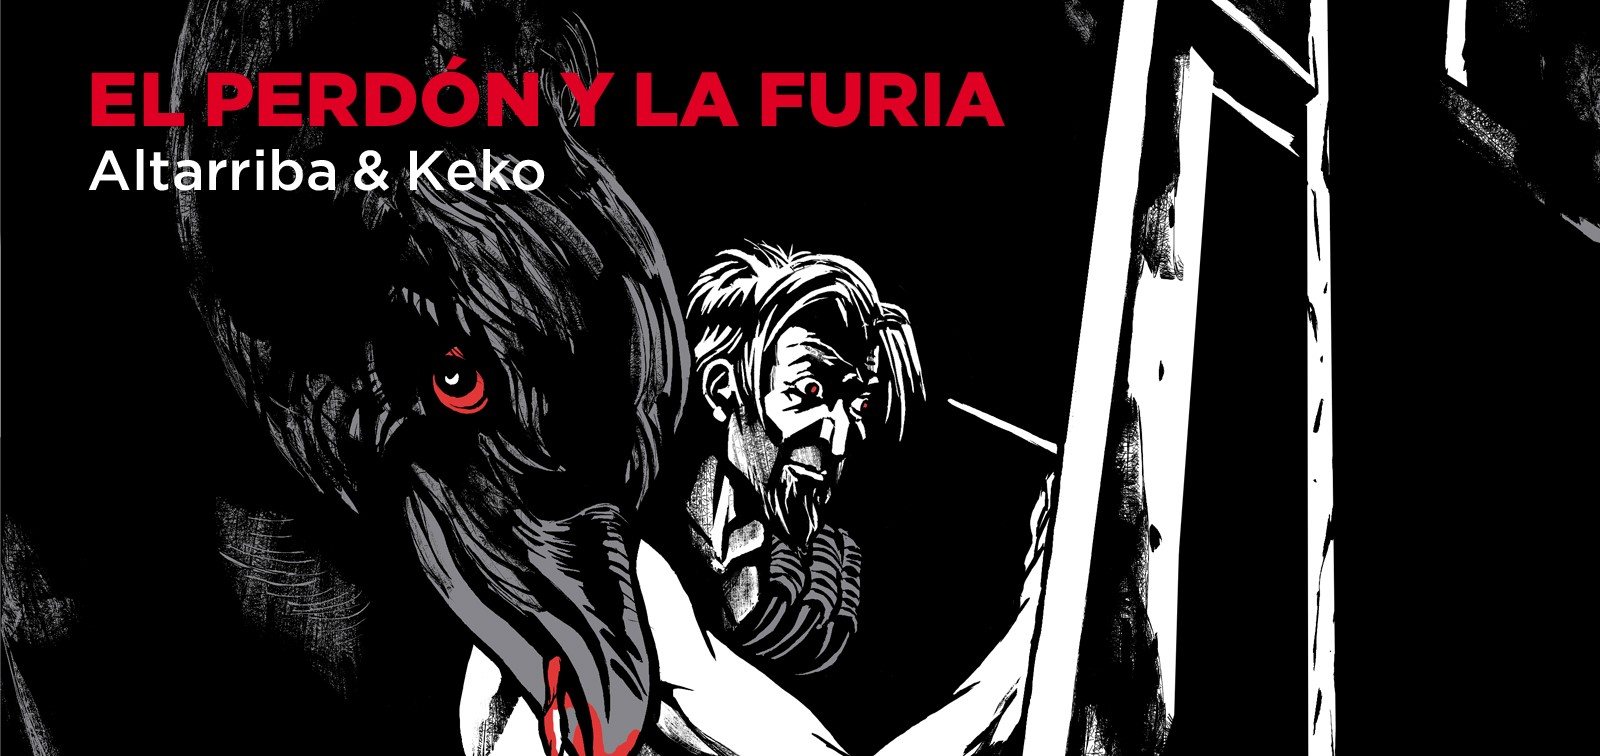 El perdón y la Furia - Altarriba & Keko